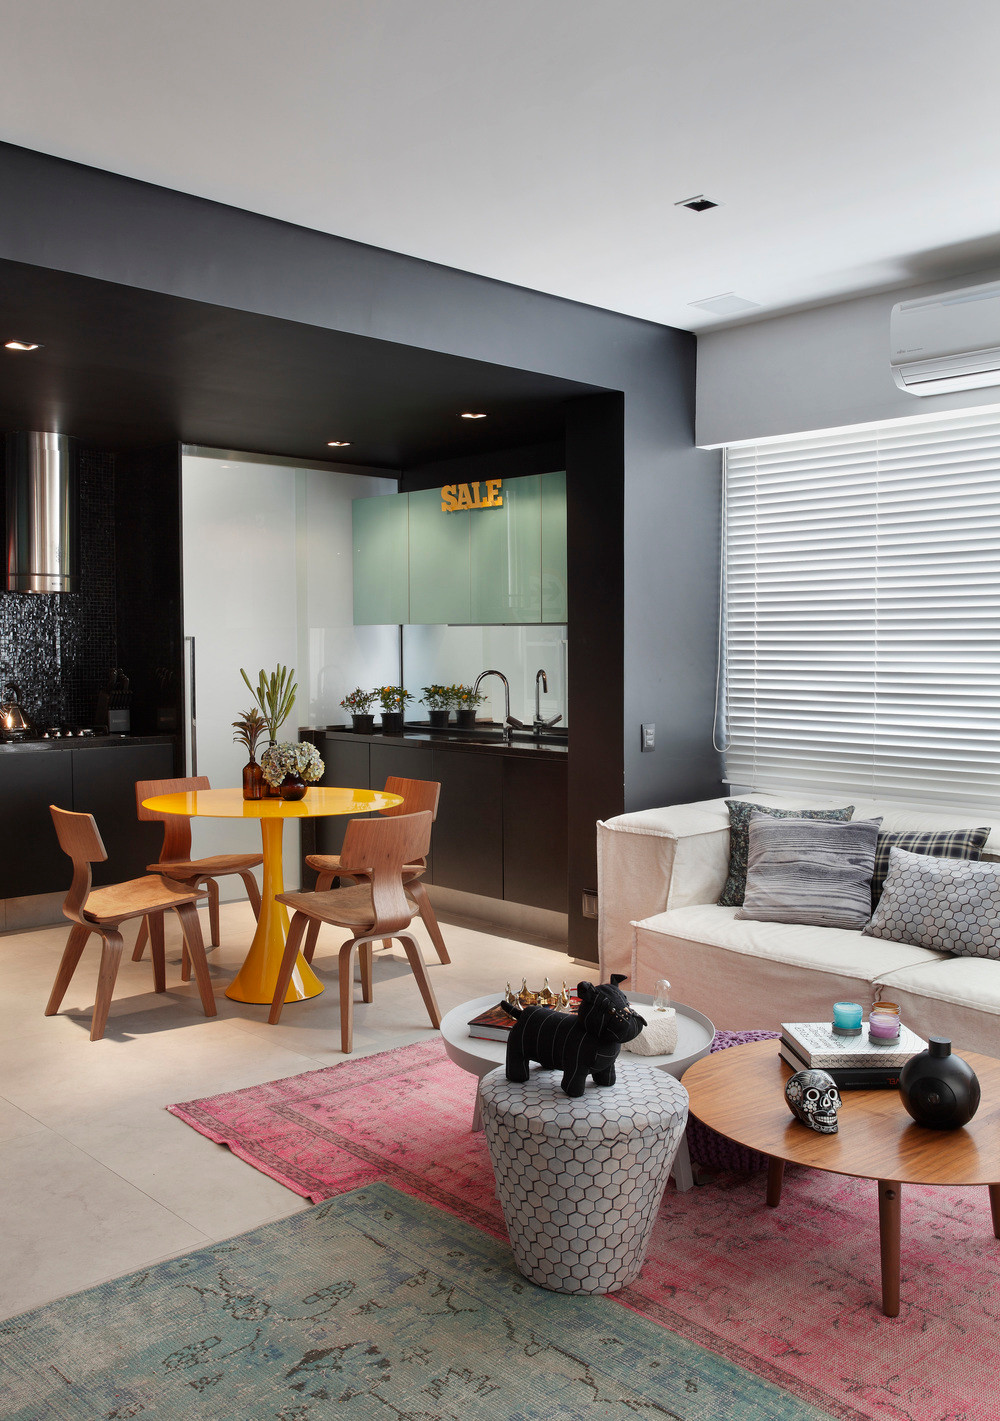 עיצוב פנים לדירה בריו - סלון ומטבח